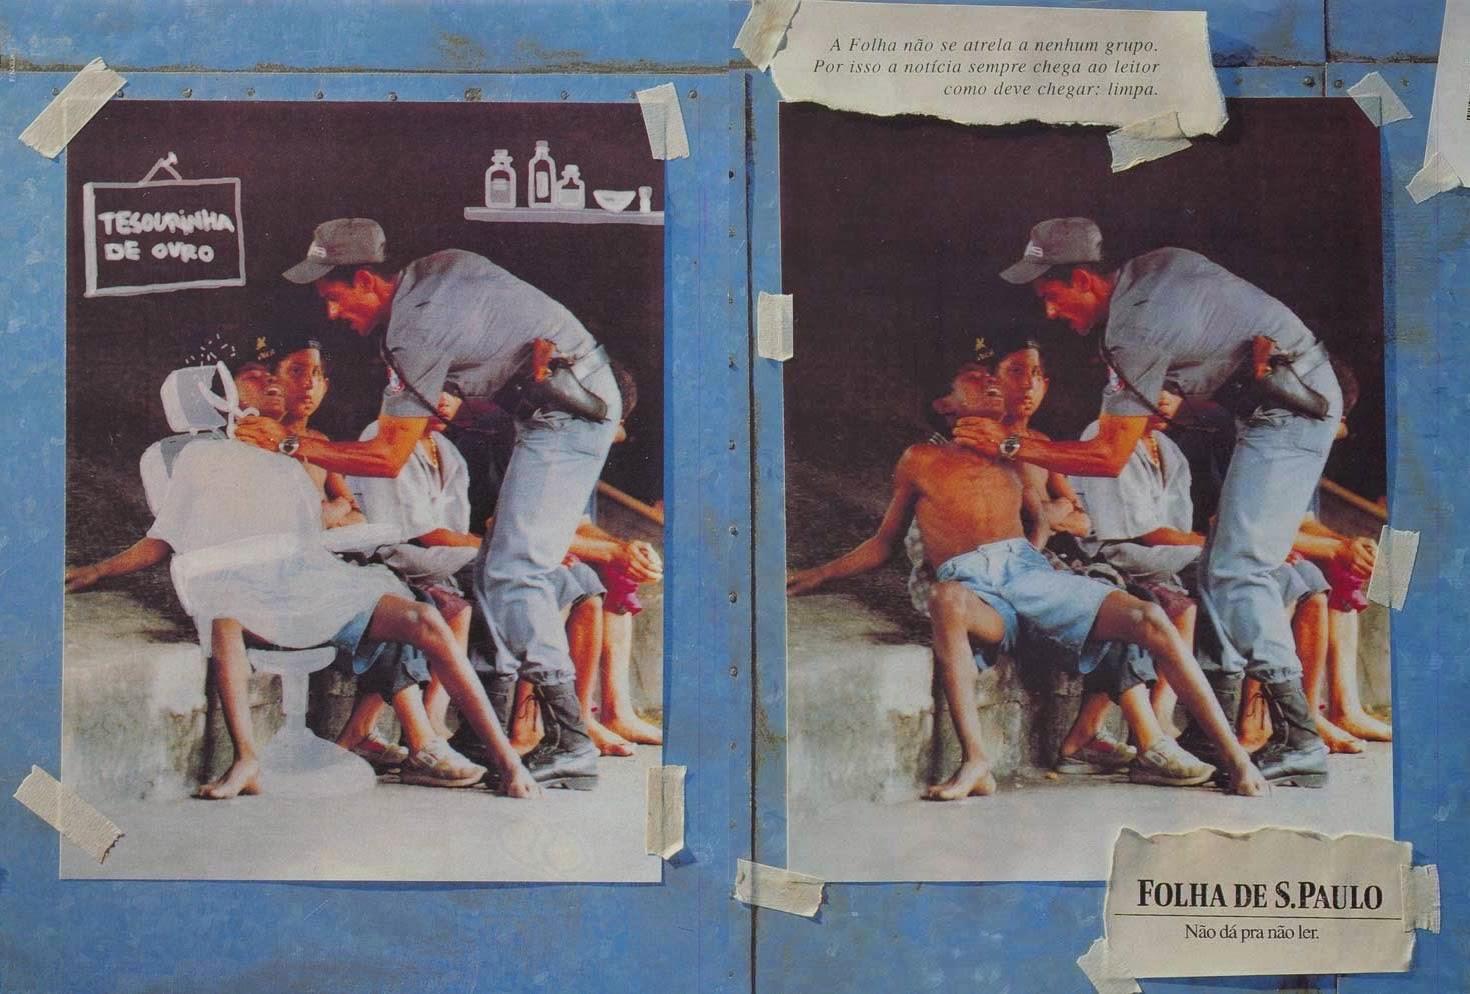 Propaganda do jornal 'Folha de São Paulo' que simulava uma distorção da notícia diante uma criança violentada.